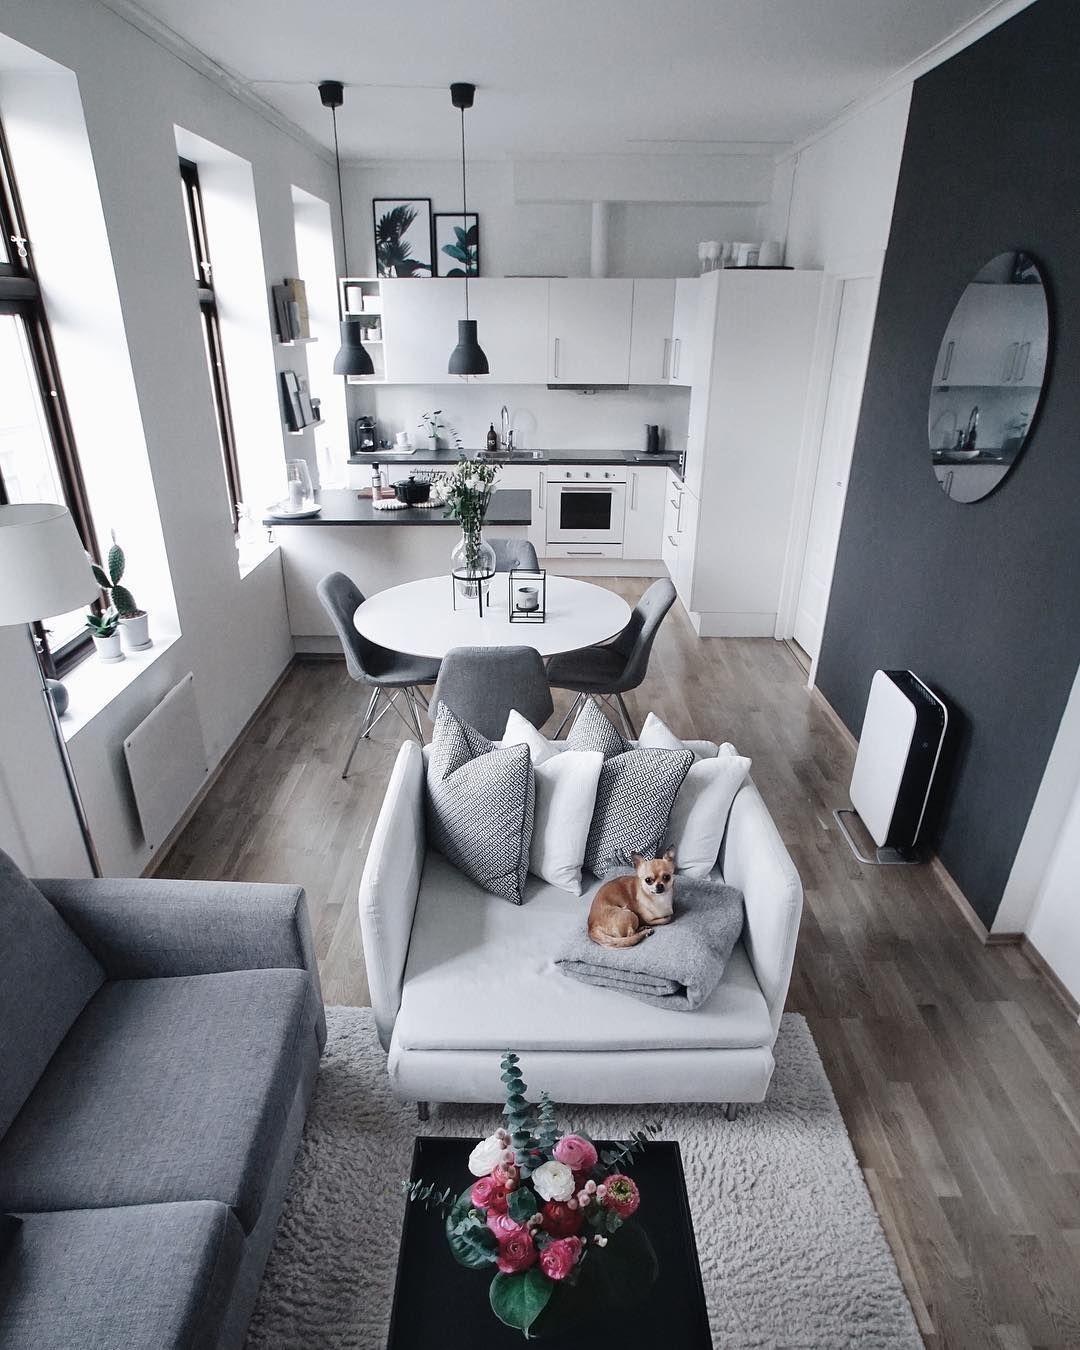 Blanco gris deco sal n en 2019 pinterest casas hogar y decoraci n de casas peque as - Disenador de interiores online ...